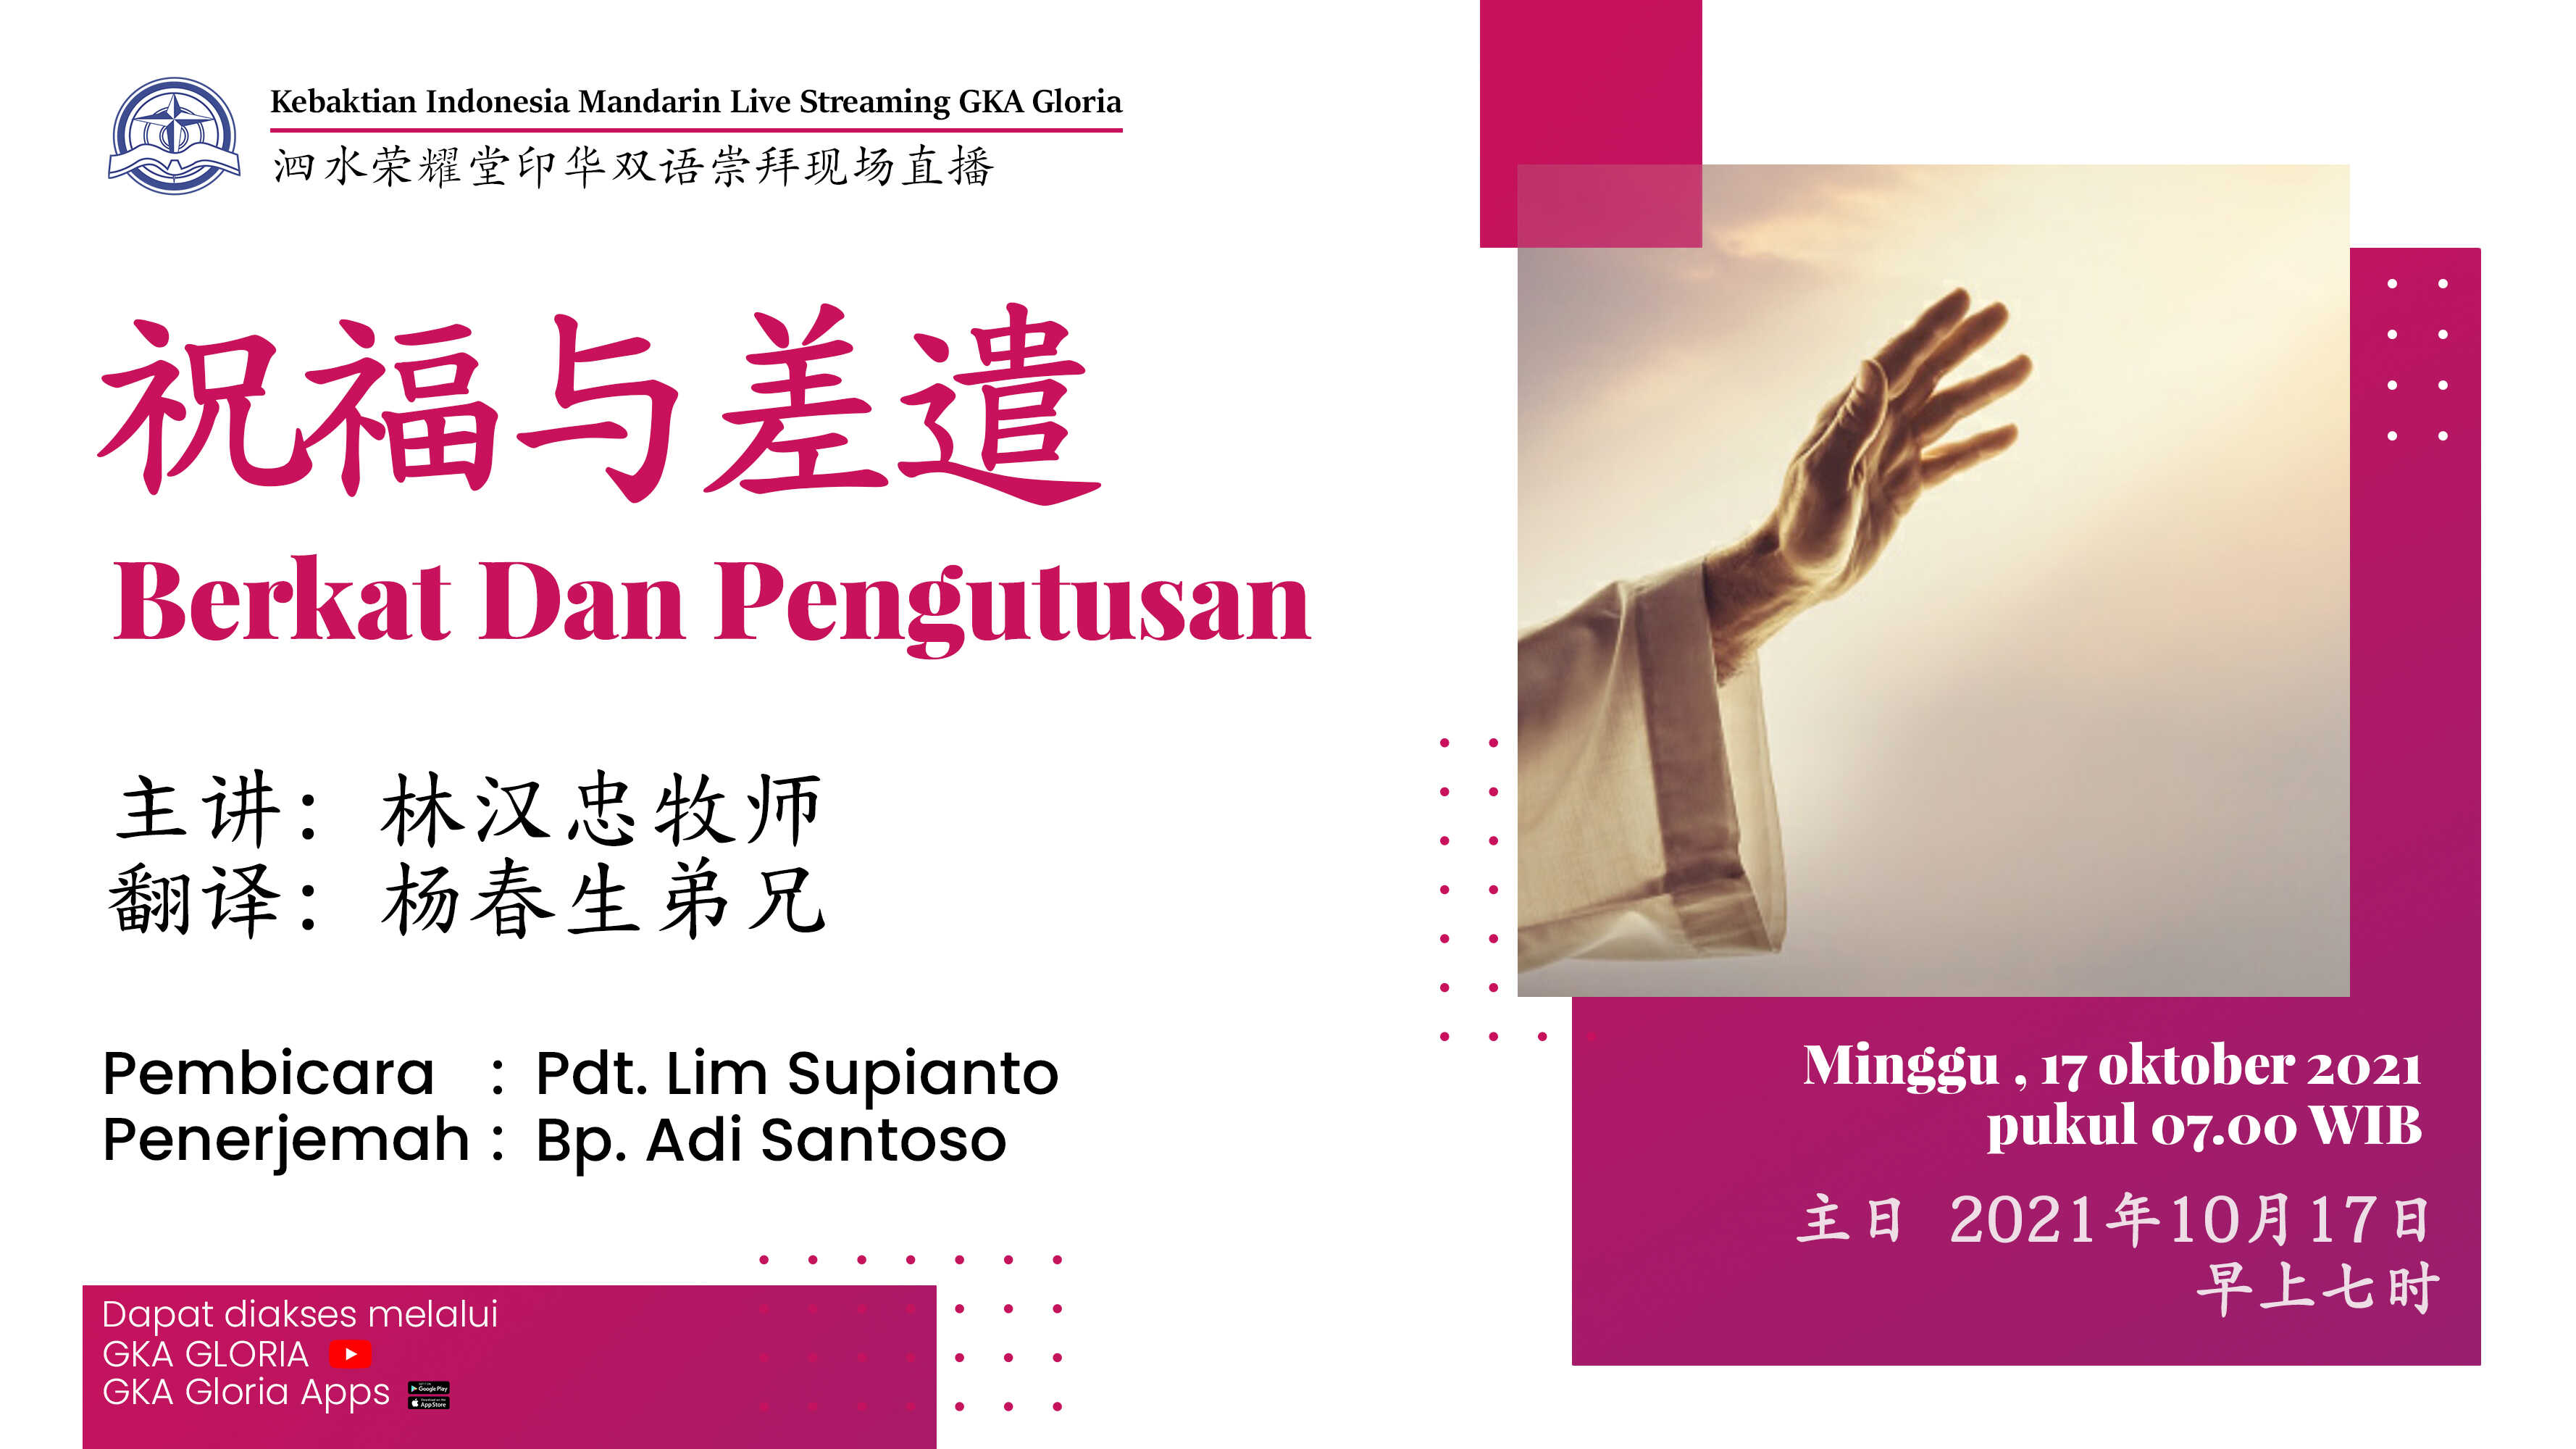 Ibadah Bilingual - Berkat Dan Pengutusan | 07.00 WIB